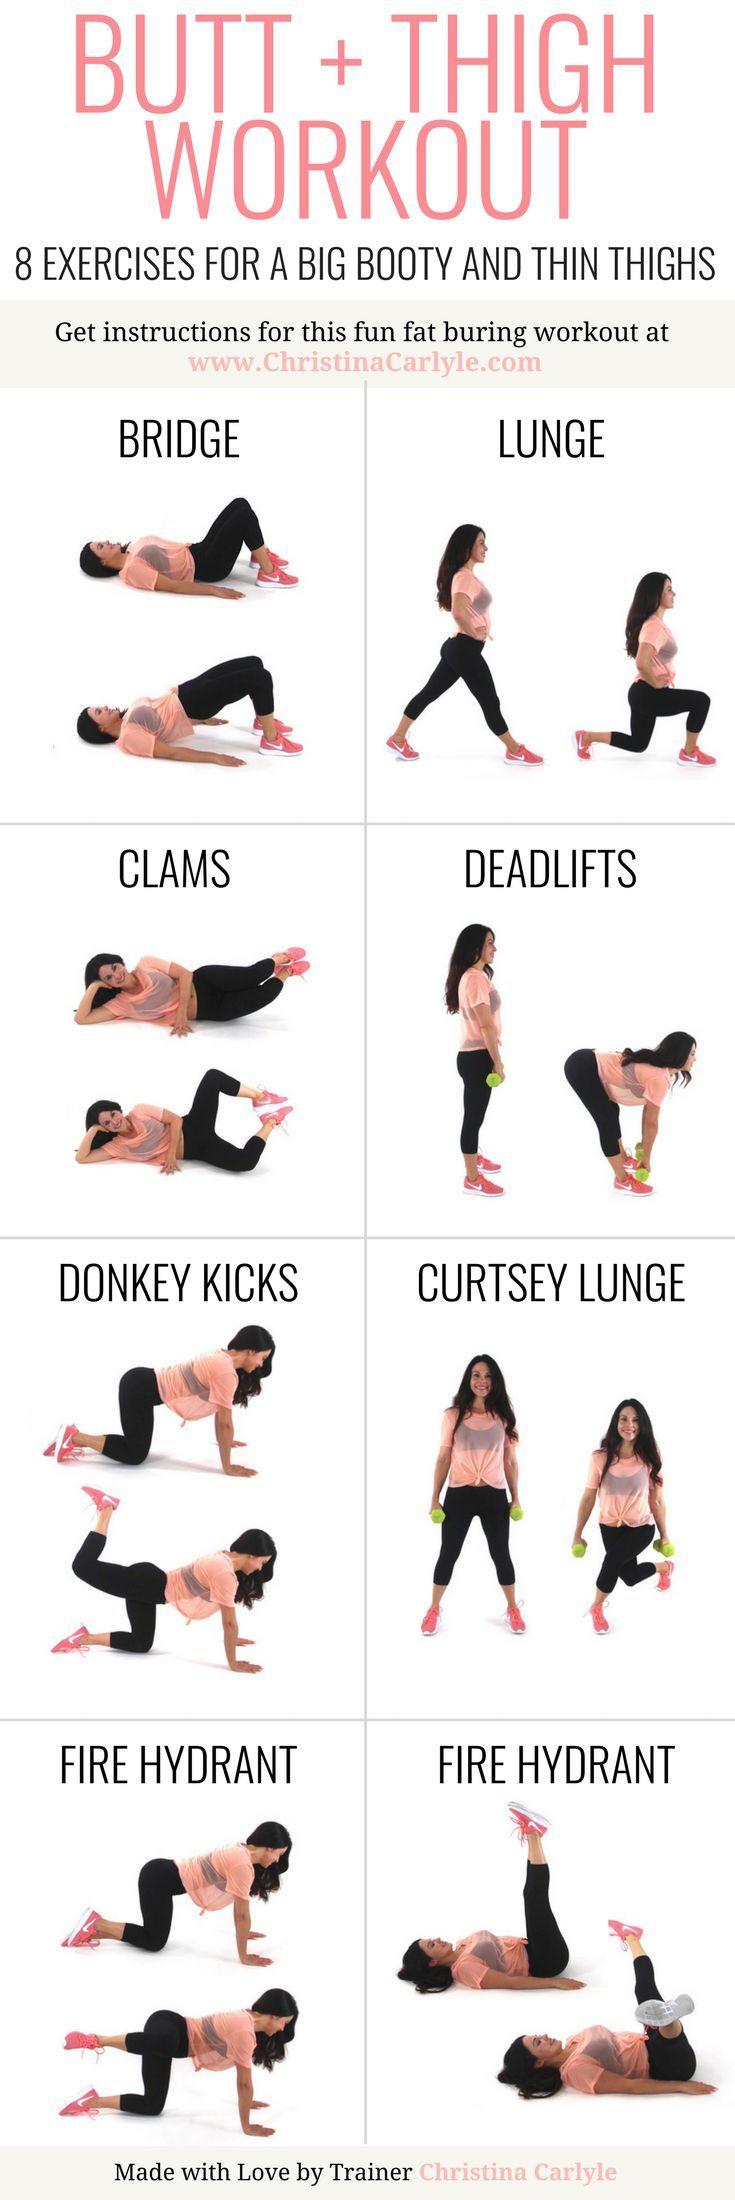 133 Bedste bentræning billeder på Pinterest Butt Workout-1661